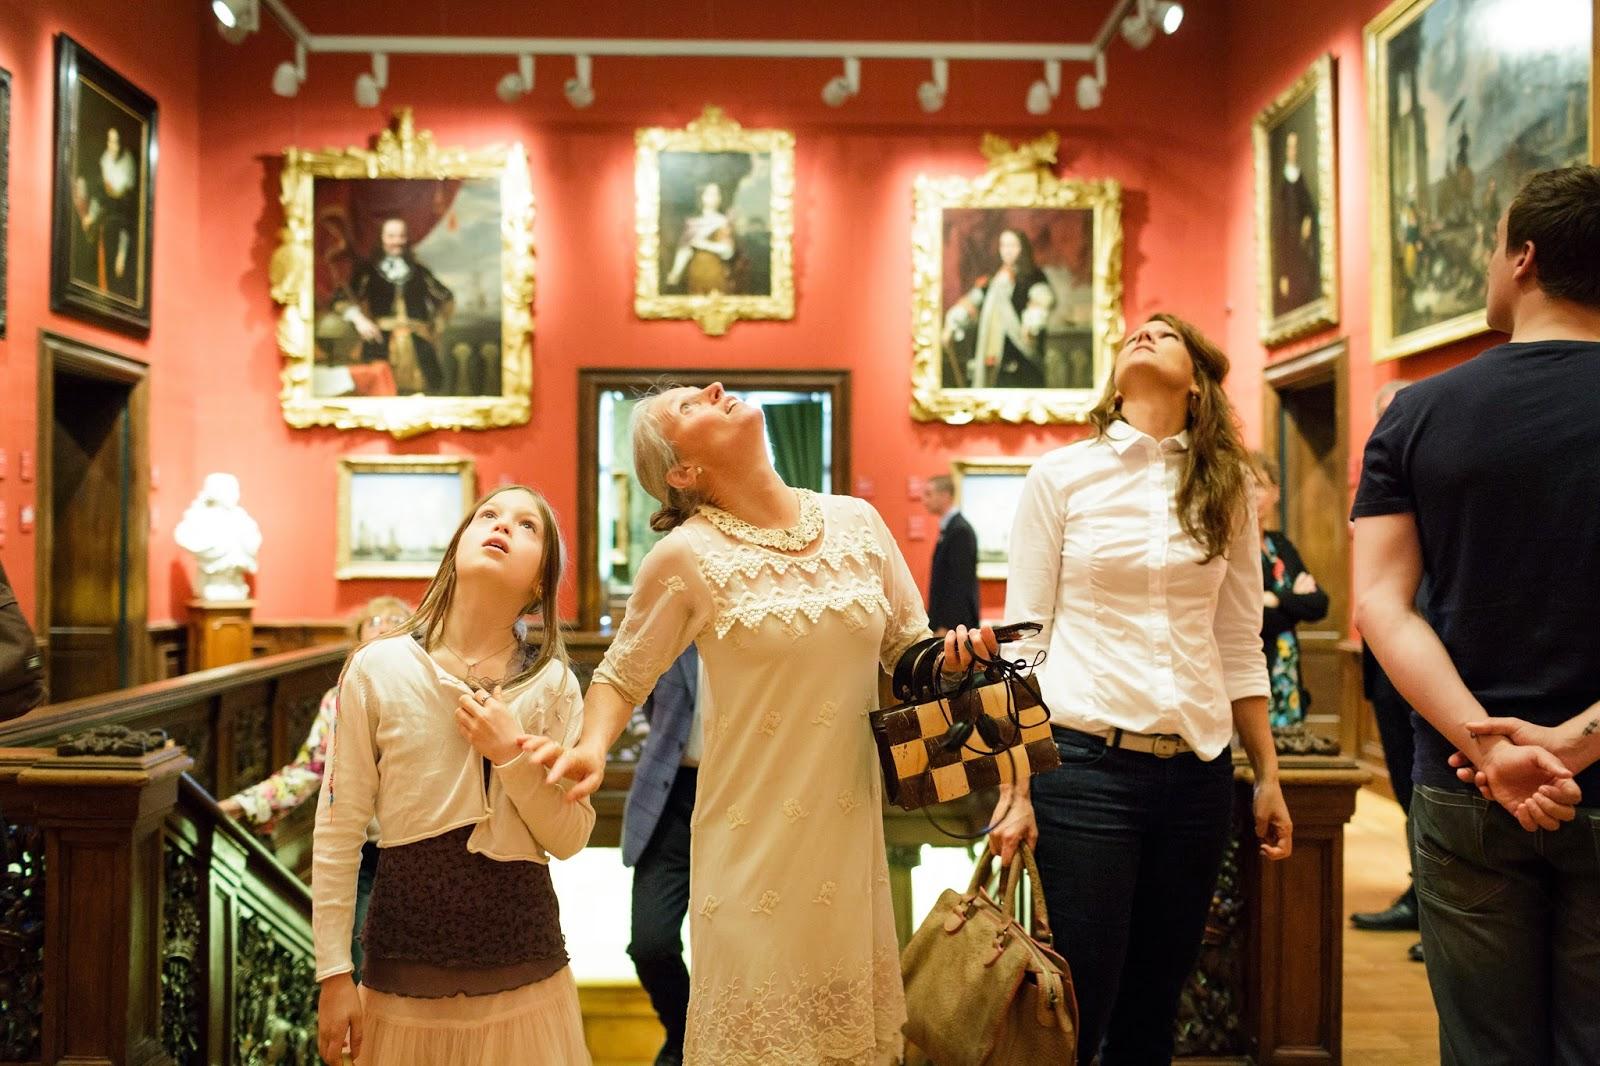 Mauritshuis Den Haag - Marjan de Visser restaurator schilderijen tijdens opening